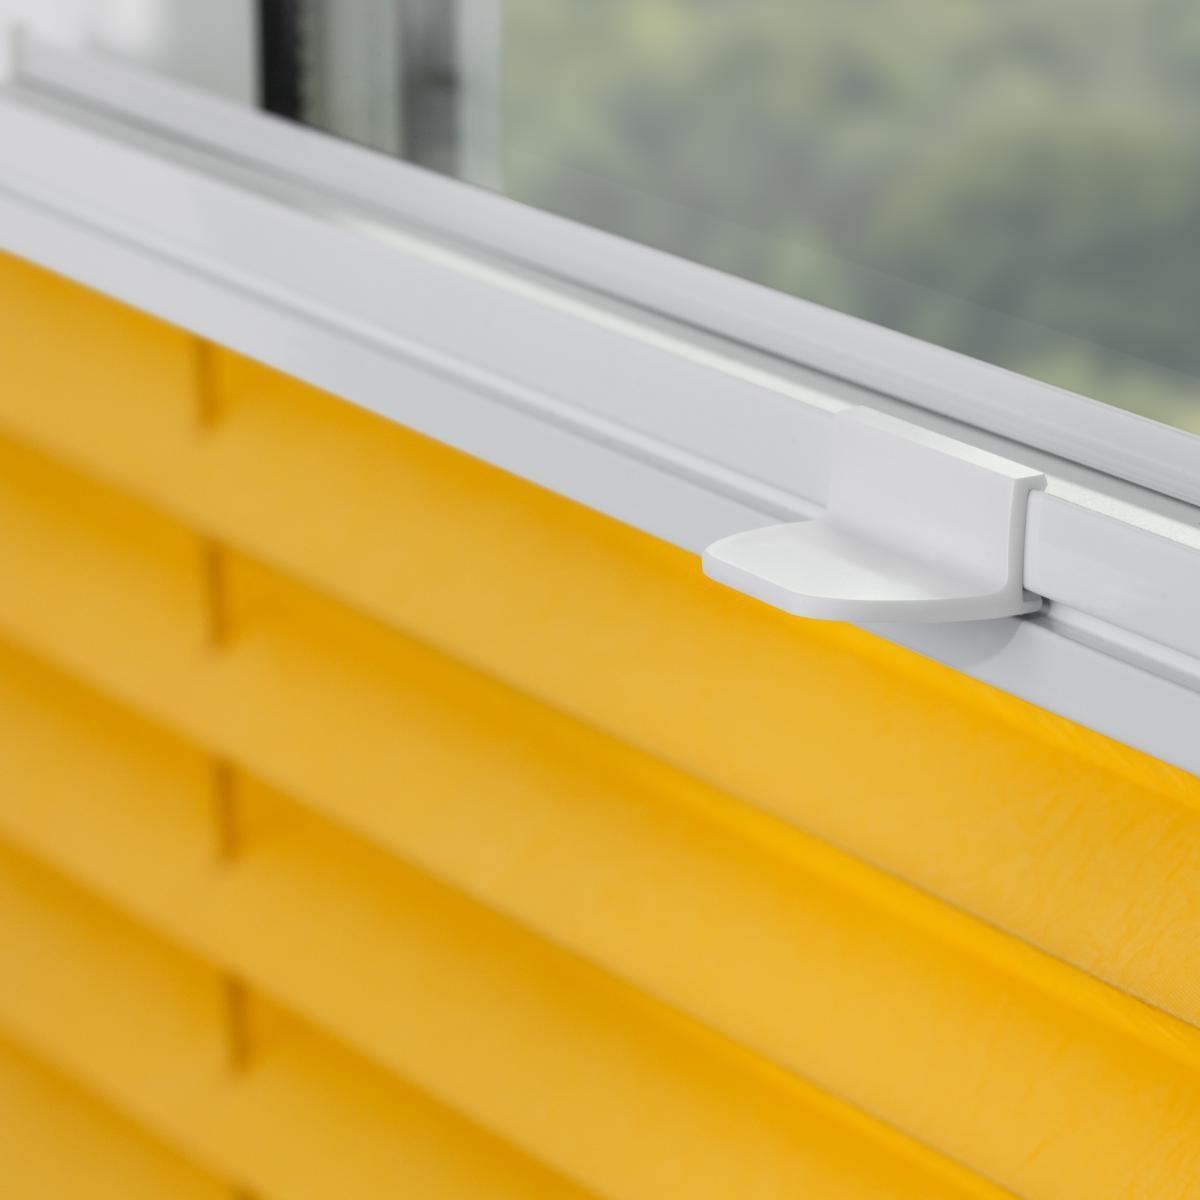 Bild 3 von Lichtblick Plissee Klemmfix TOP, ohne Bohren, verspannt Gelb, 100 cm x 130 cm (B x L)